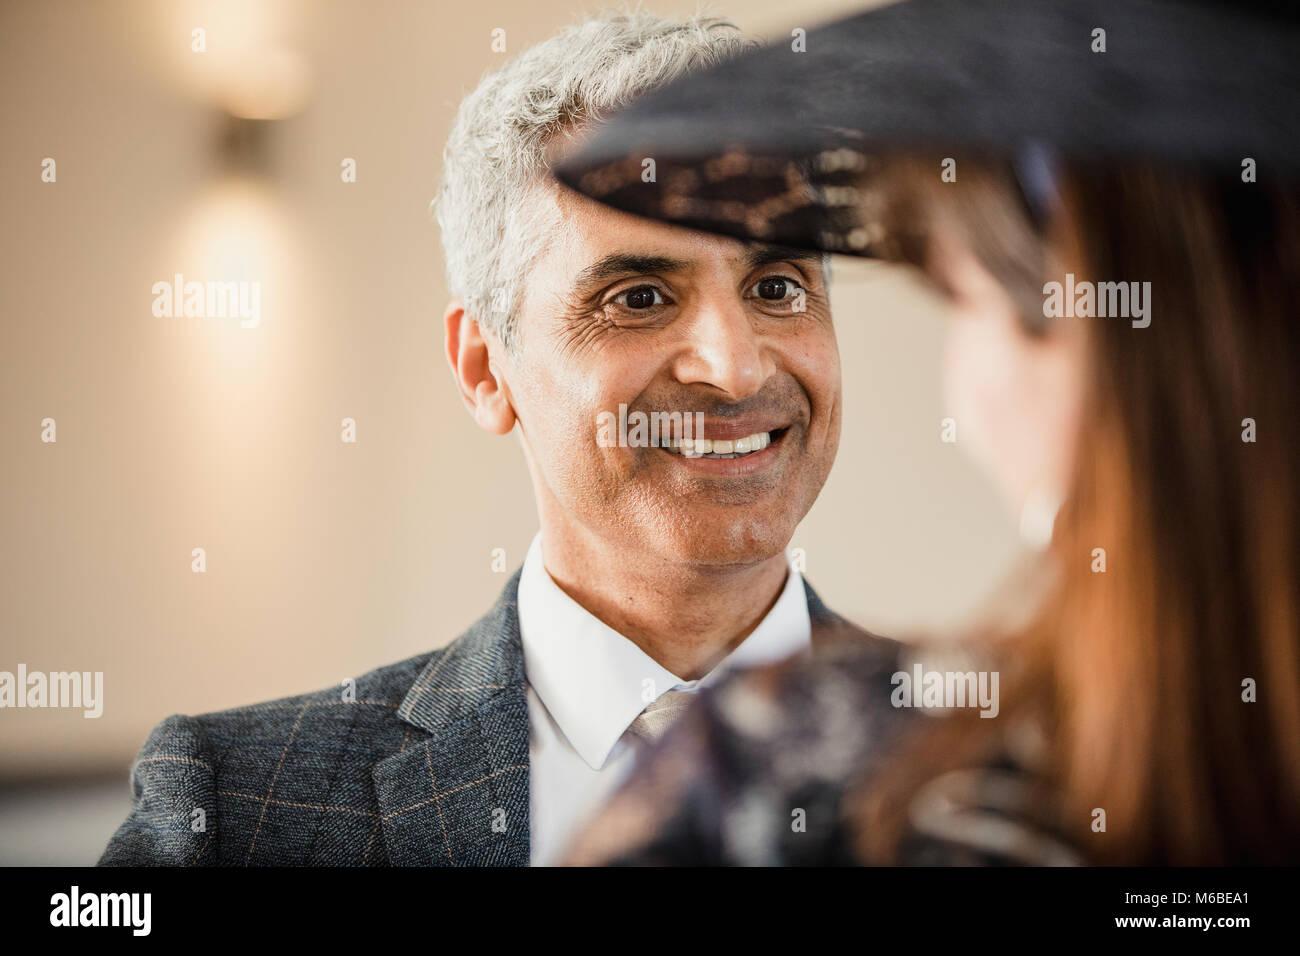 Matrimonio Con Uomo Con Figli : Uomo maturo è di avere una conversazione con la moglie a loro figlio